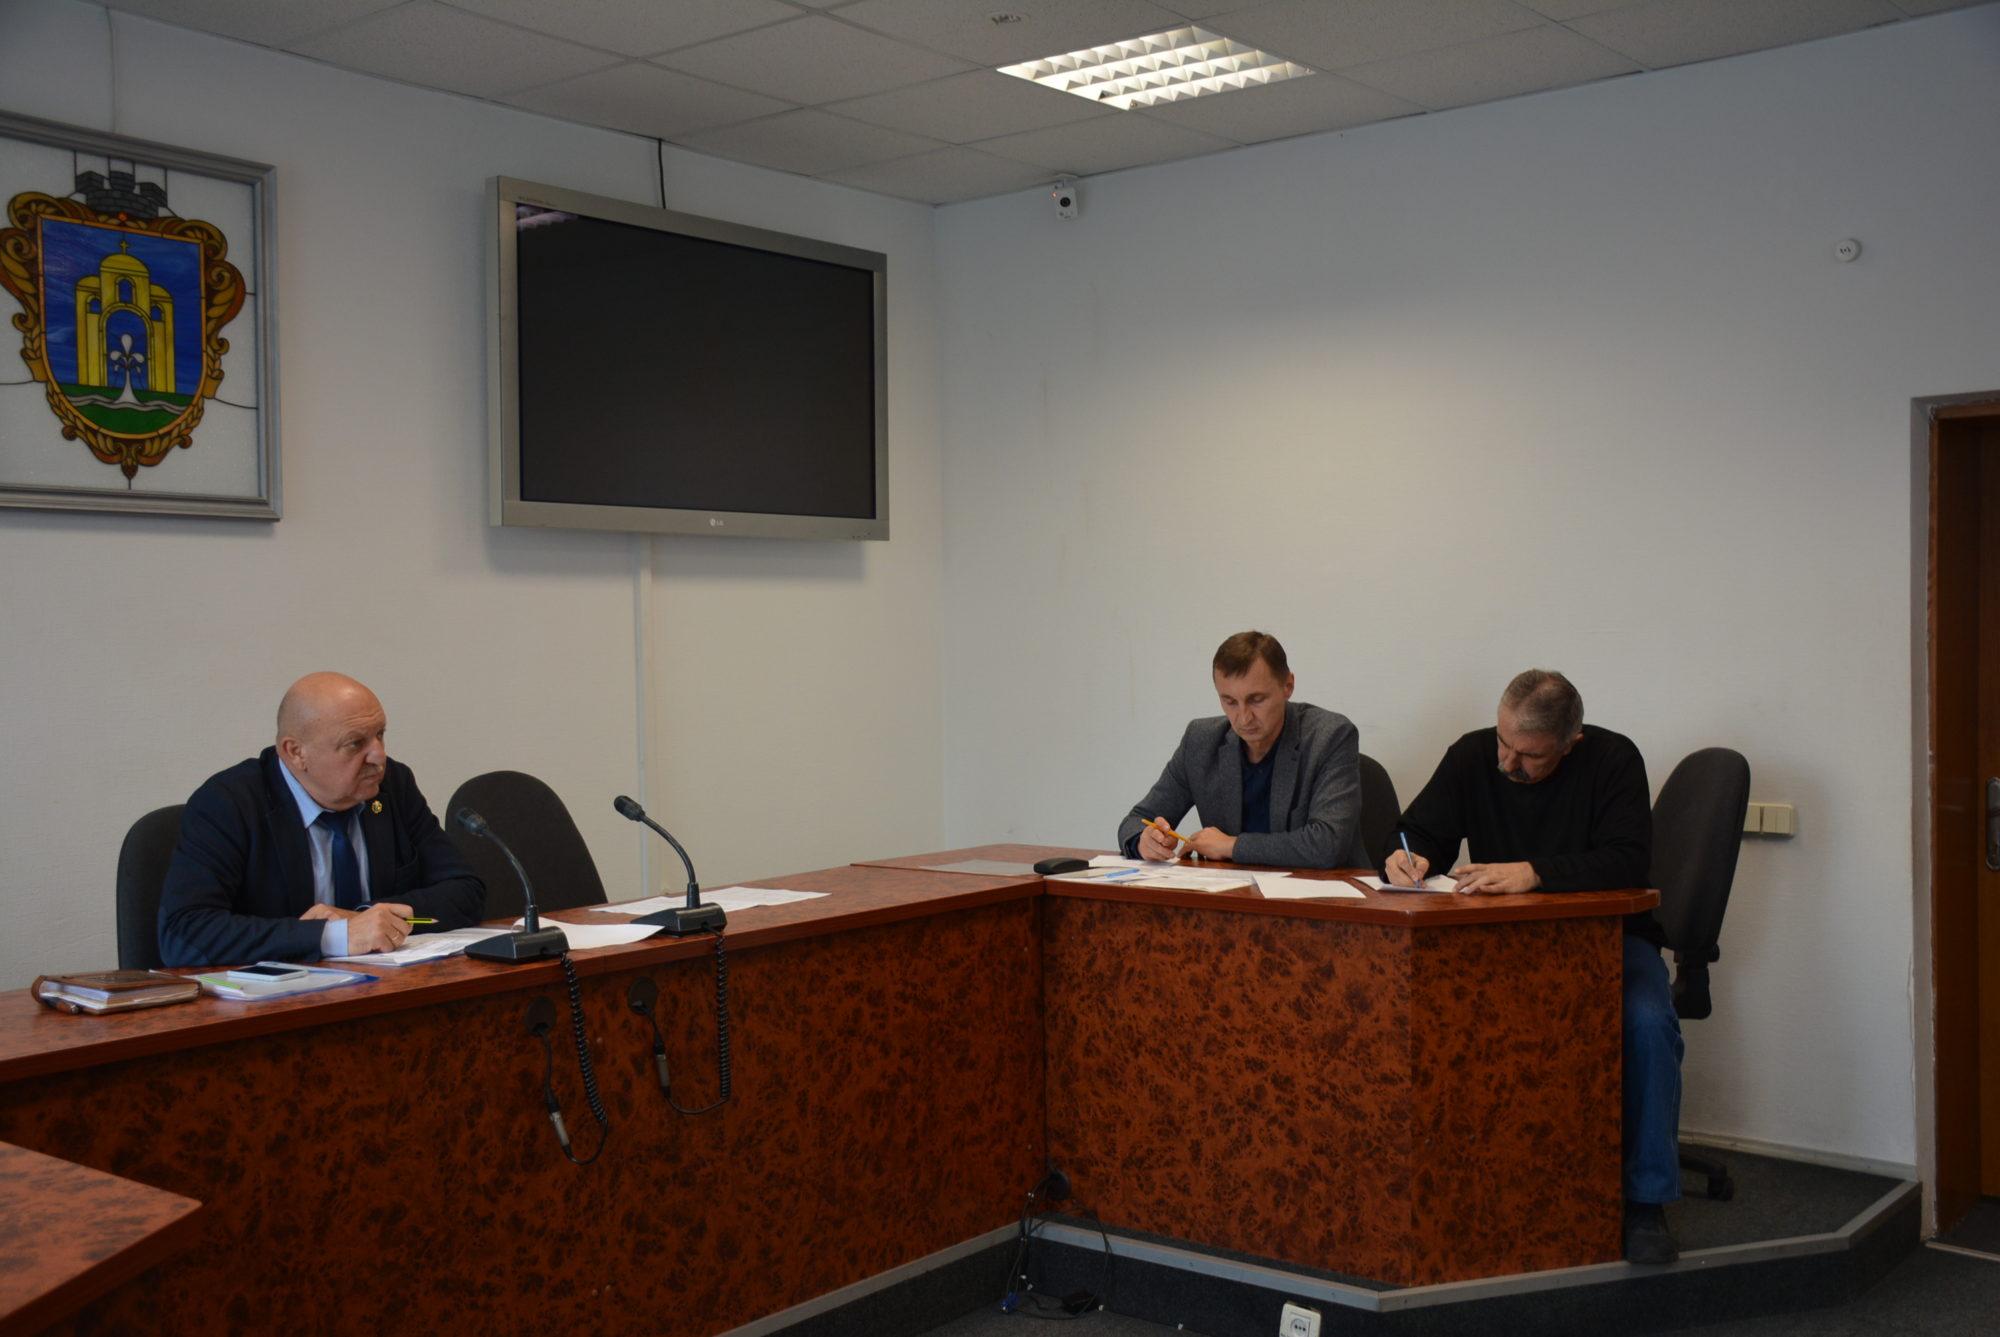 У Броварах відбулося засідання комісії з питань техногенно-екологічної безпеки та надзвичайних ситуацій -  - DSC 5491 2000x1337